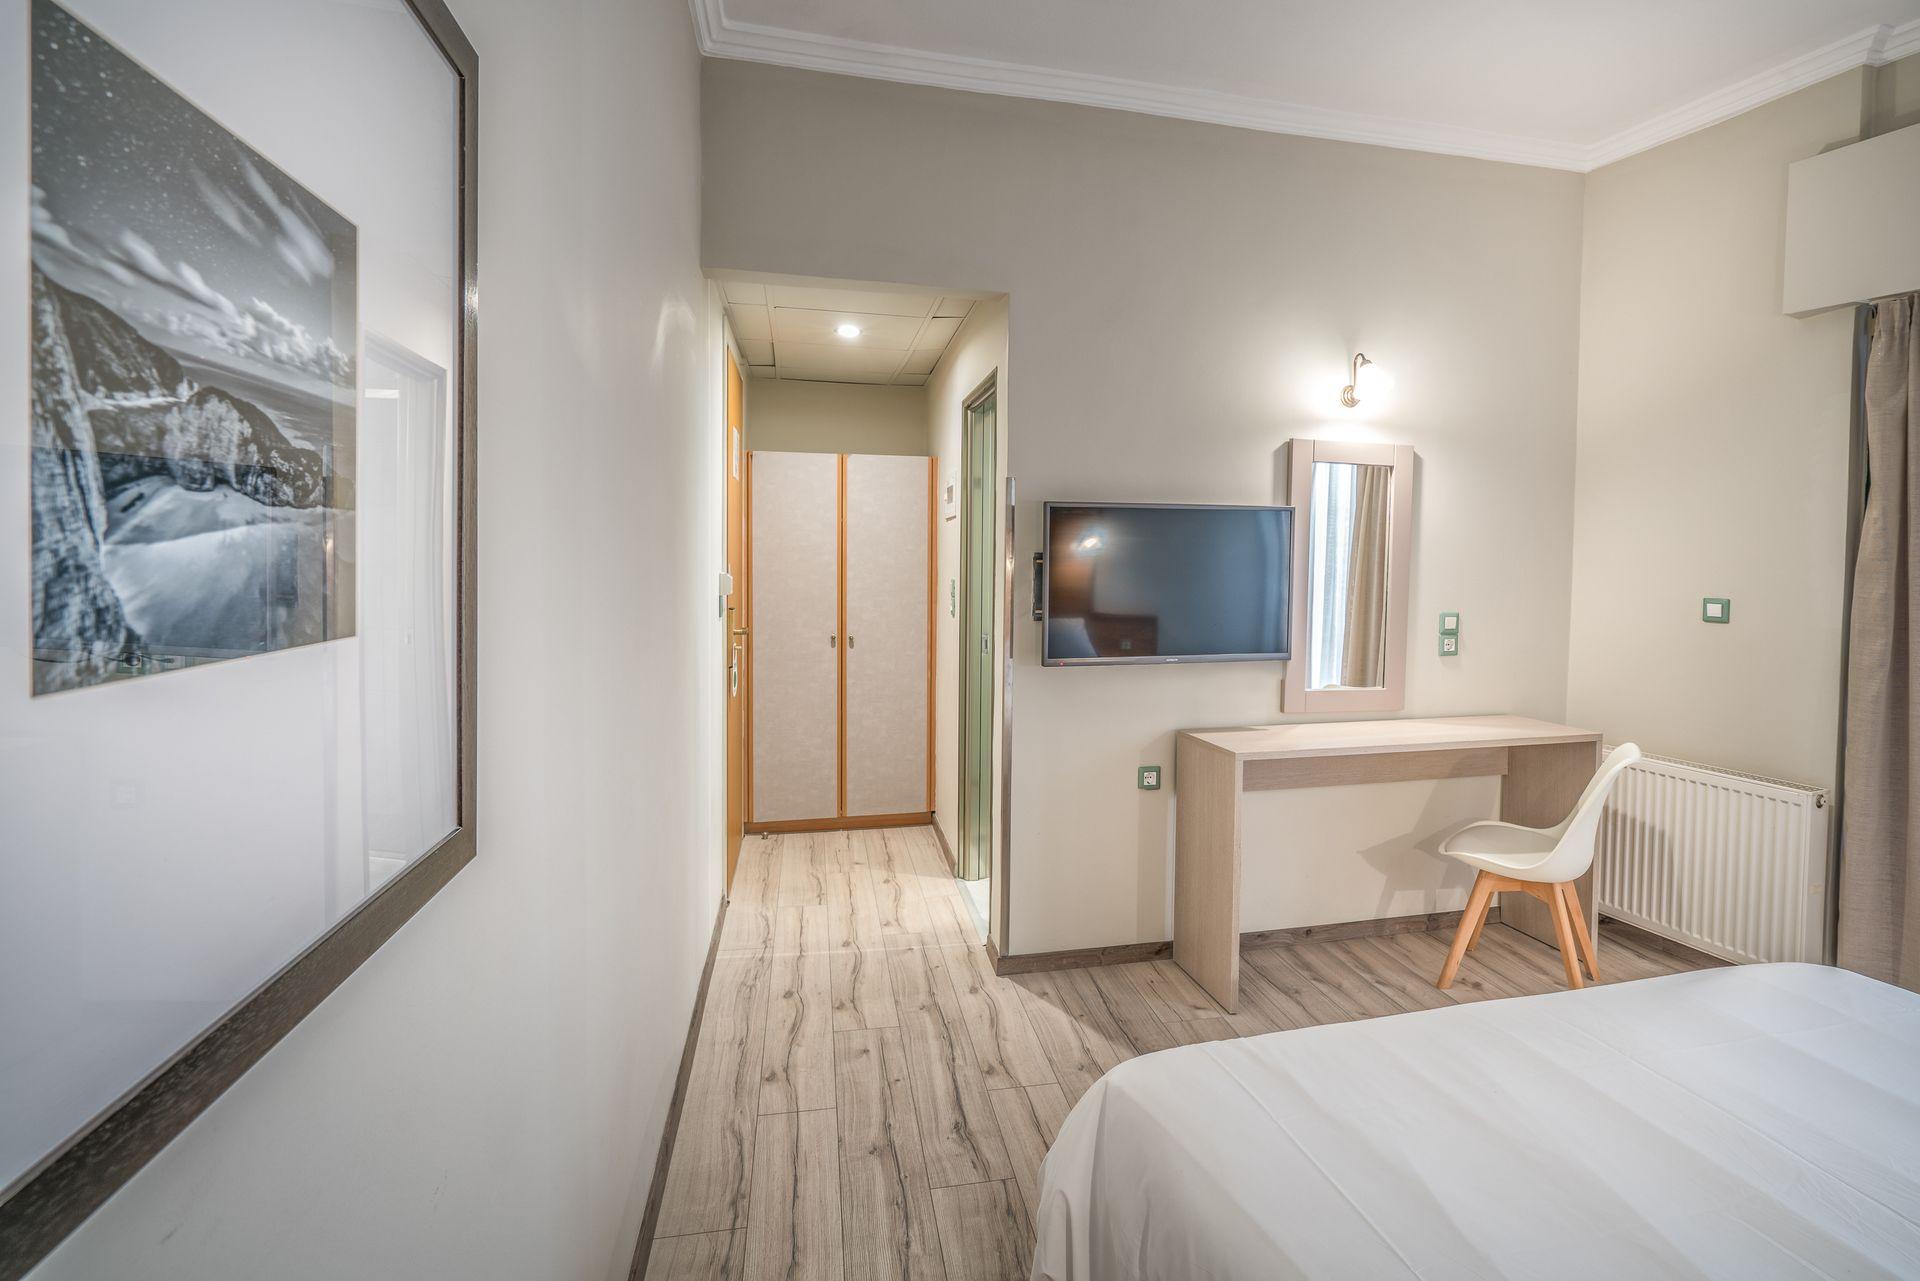 Δίκλινο δωμάτιο phoenix hotel